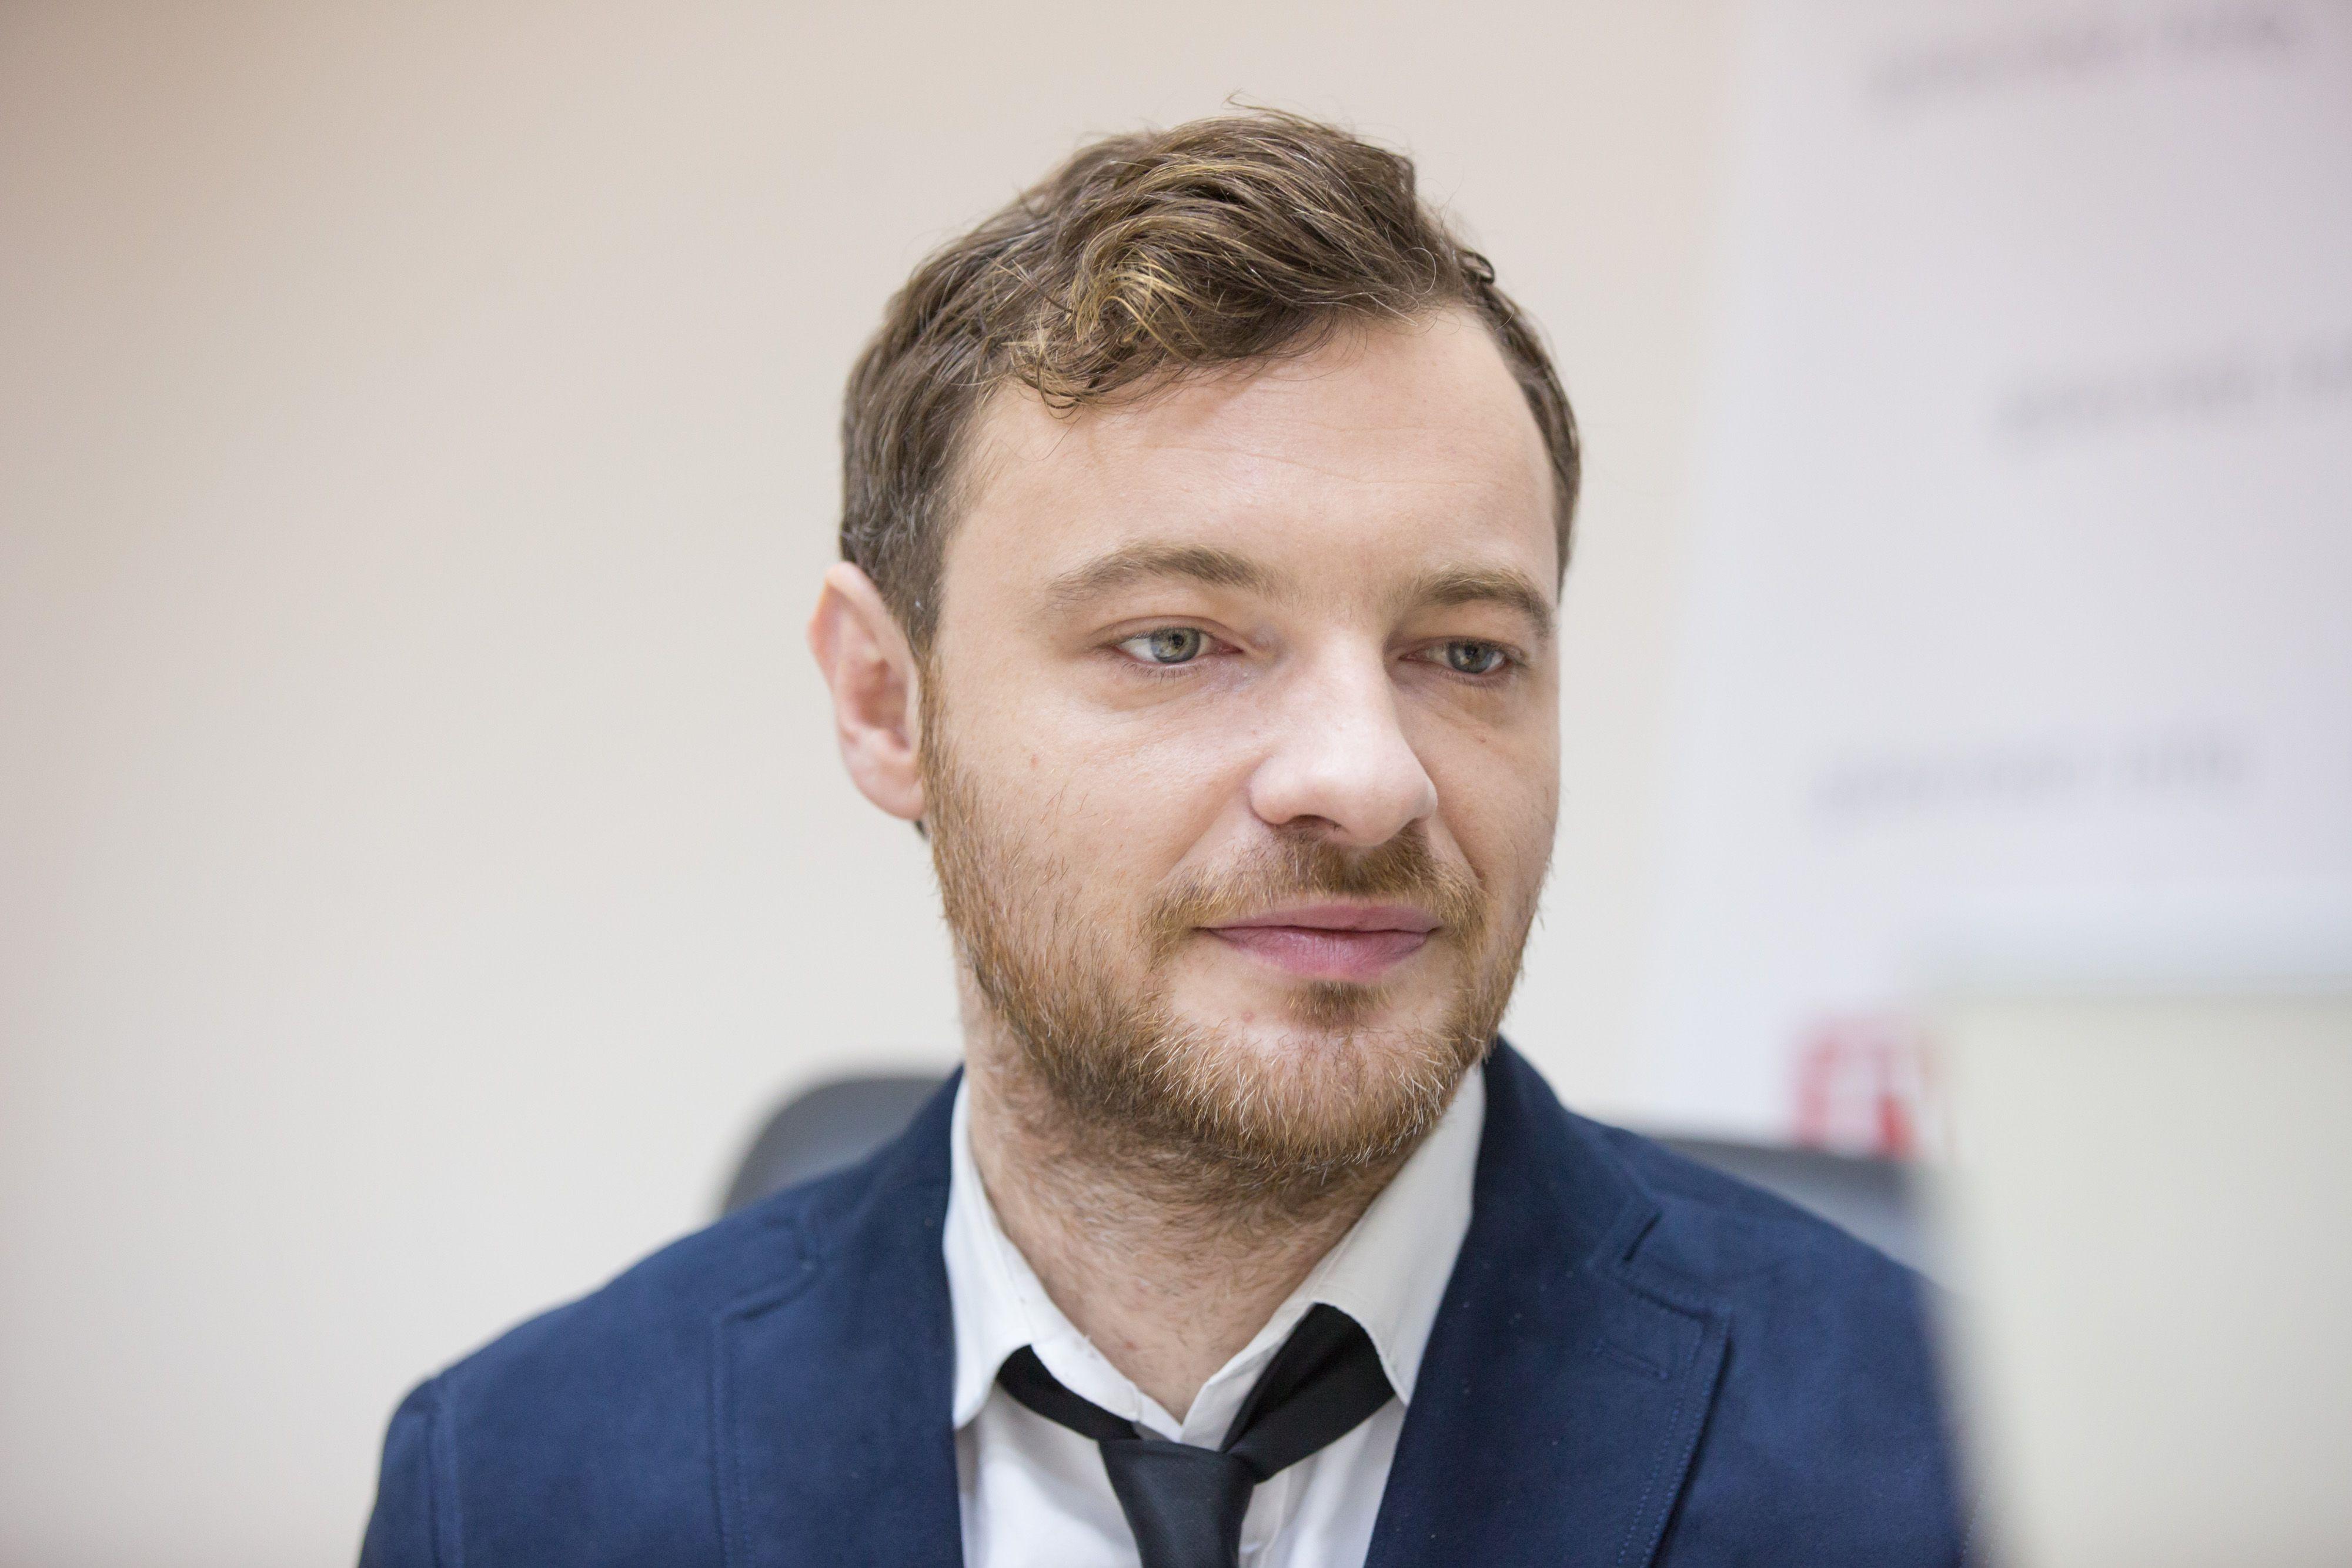 Поль Манондиз заявил, что готов воевать за Украину против РФ